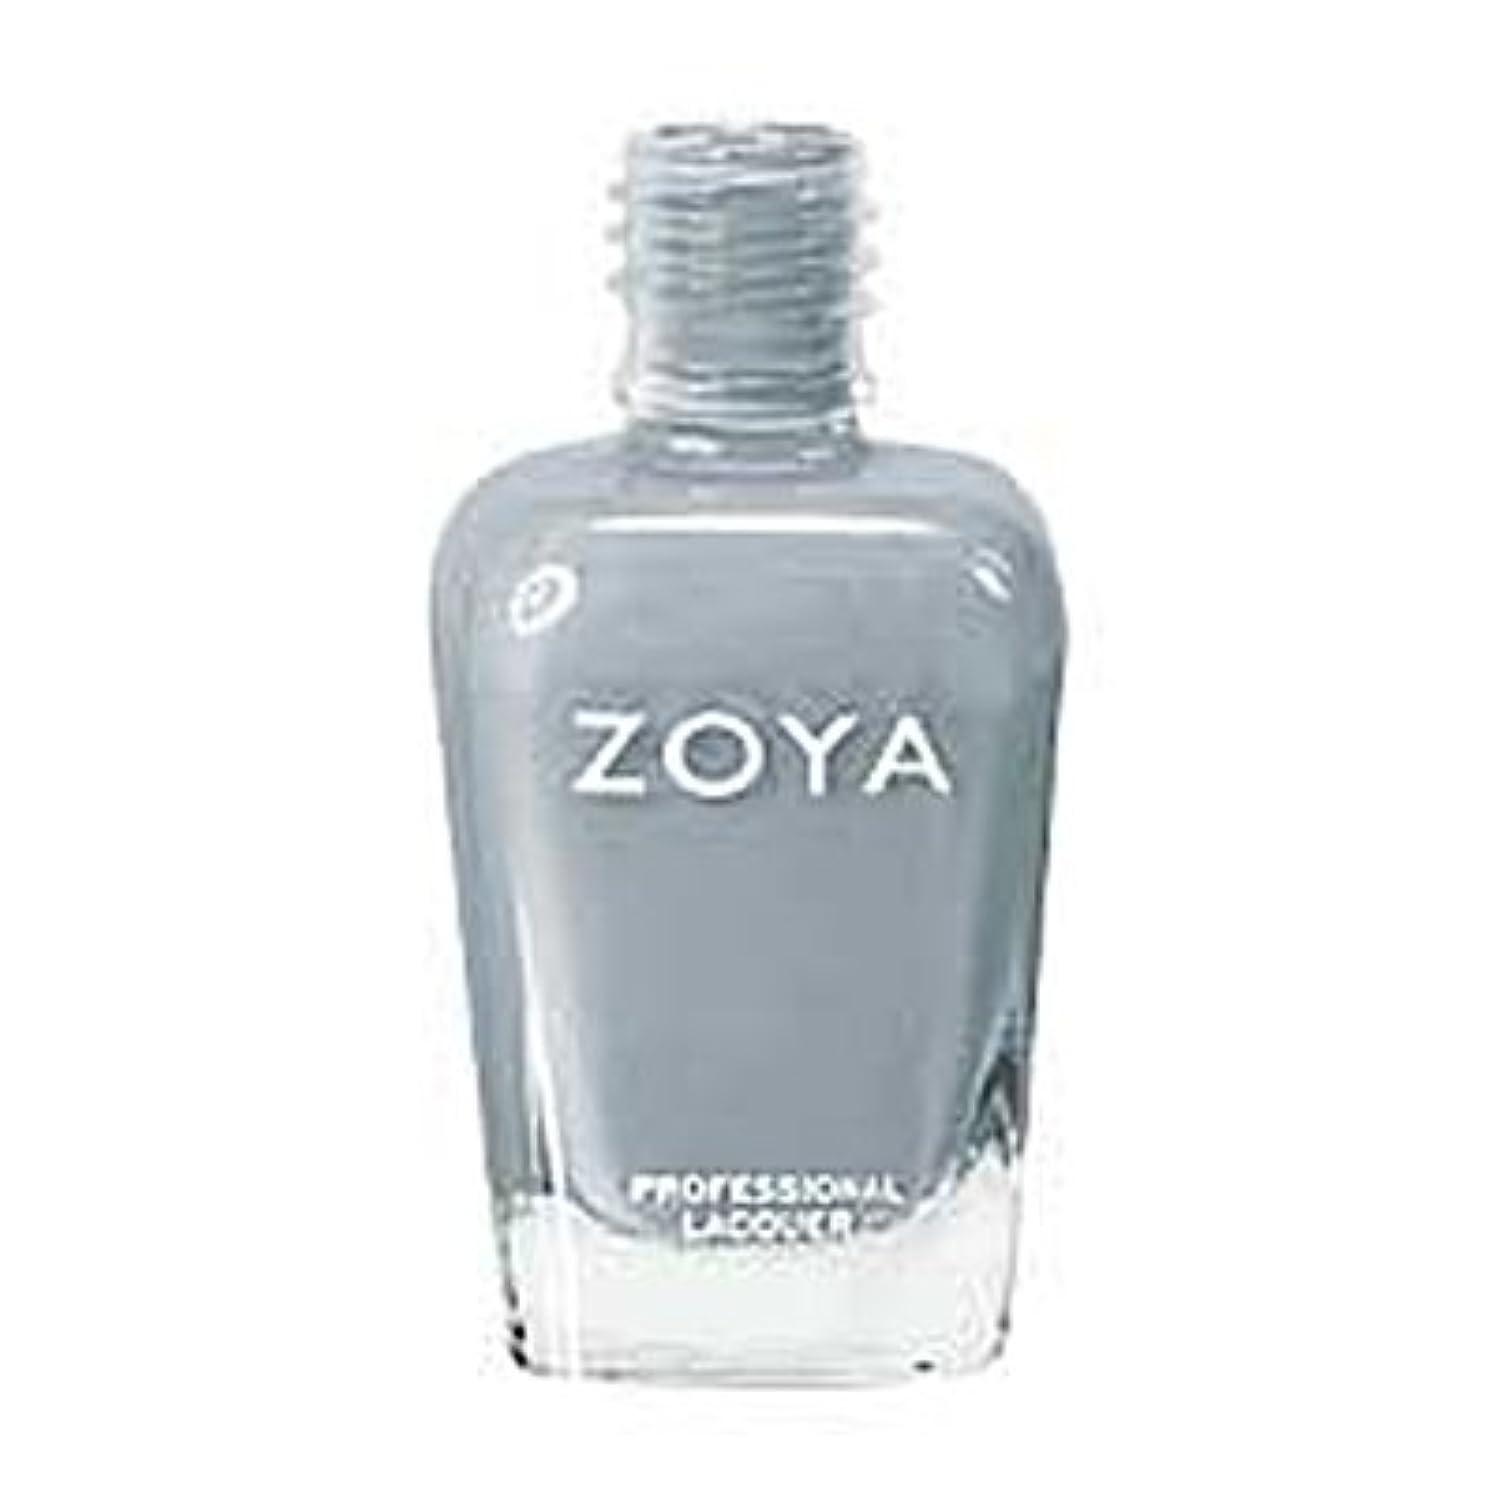 リラックス悪行口述[Zoya] ZP591 クリスティン [Feel Collection][並行輸入品][海外直送品]